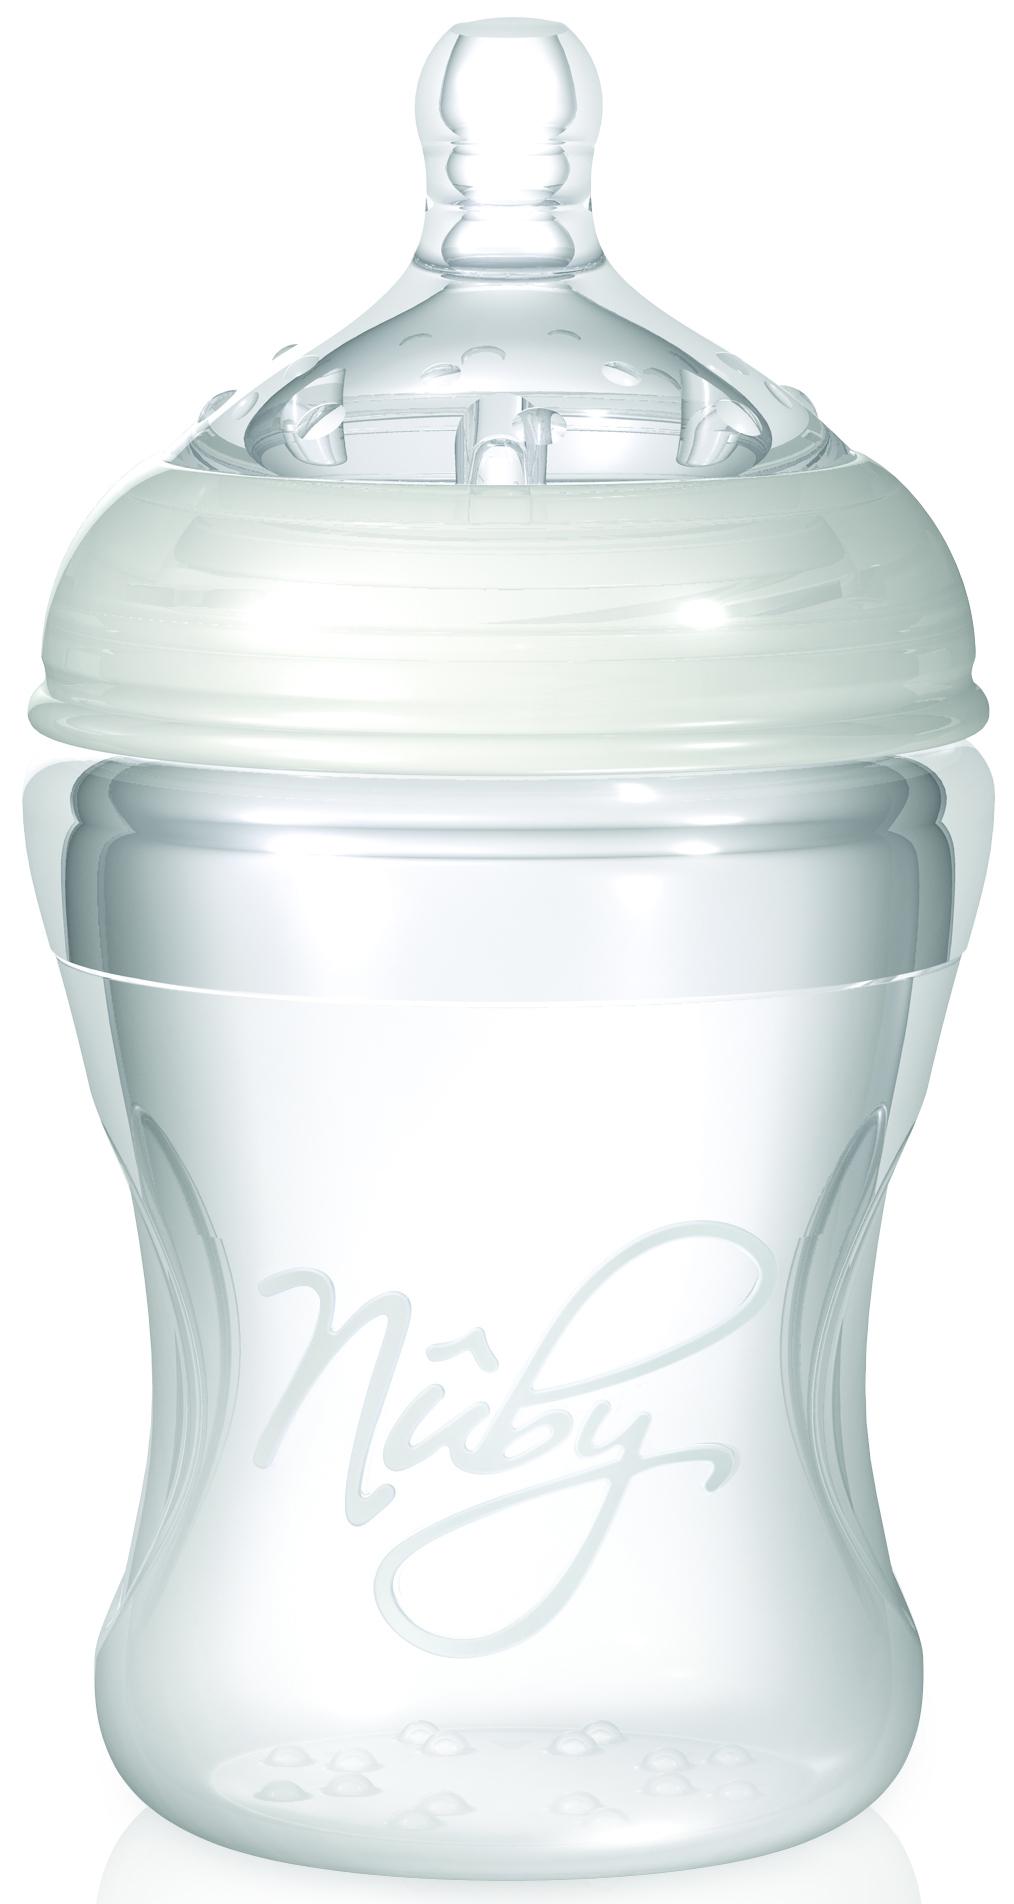 Бутылочка с антиколиковой системой, 210 млТовары для кормления<br>Бутылочка с антиколиковой системой, 210 мл<br>